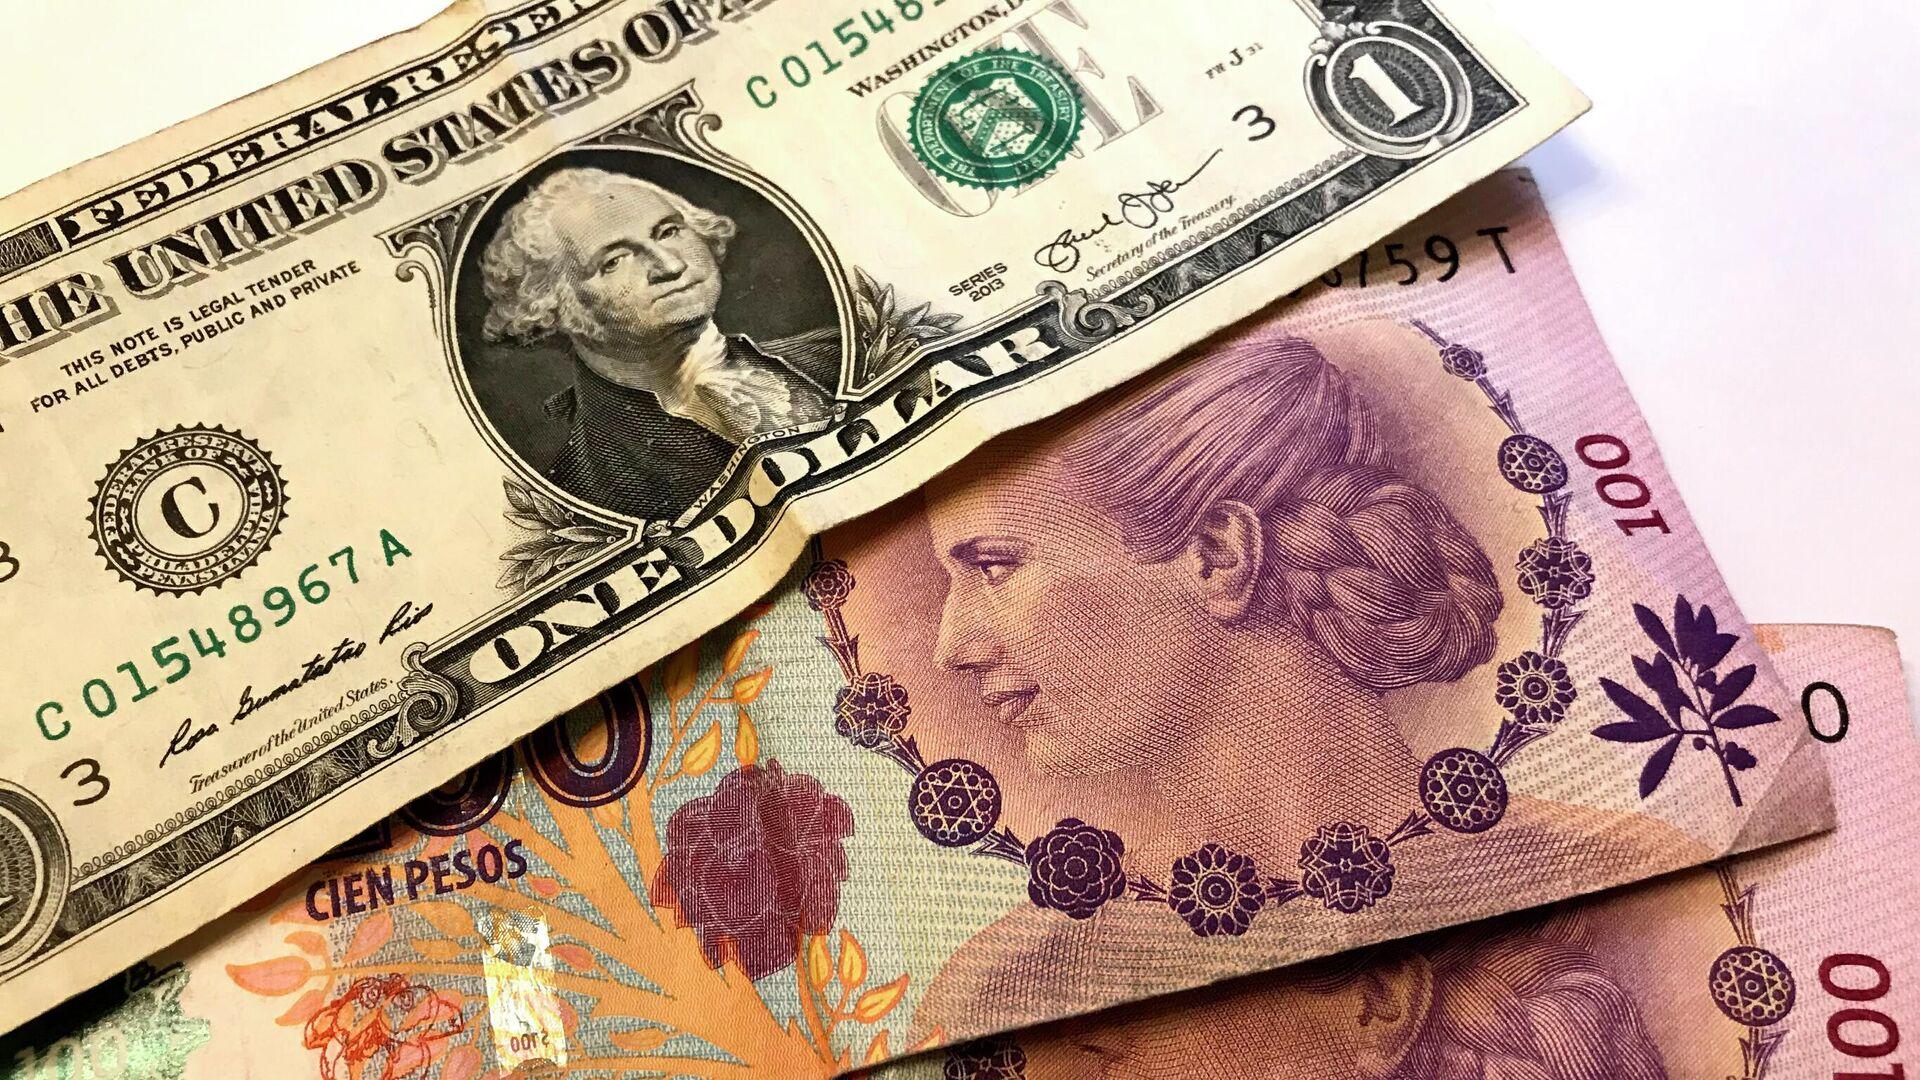 Pesos argentinos y un billete de dólar - Sputnik Mundo, 1920, 19.08.2021